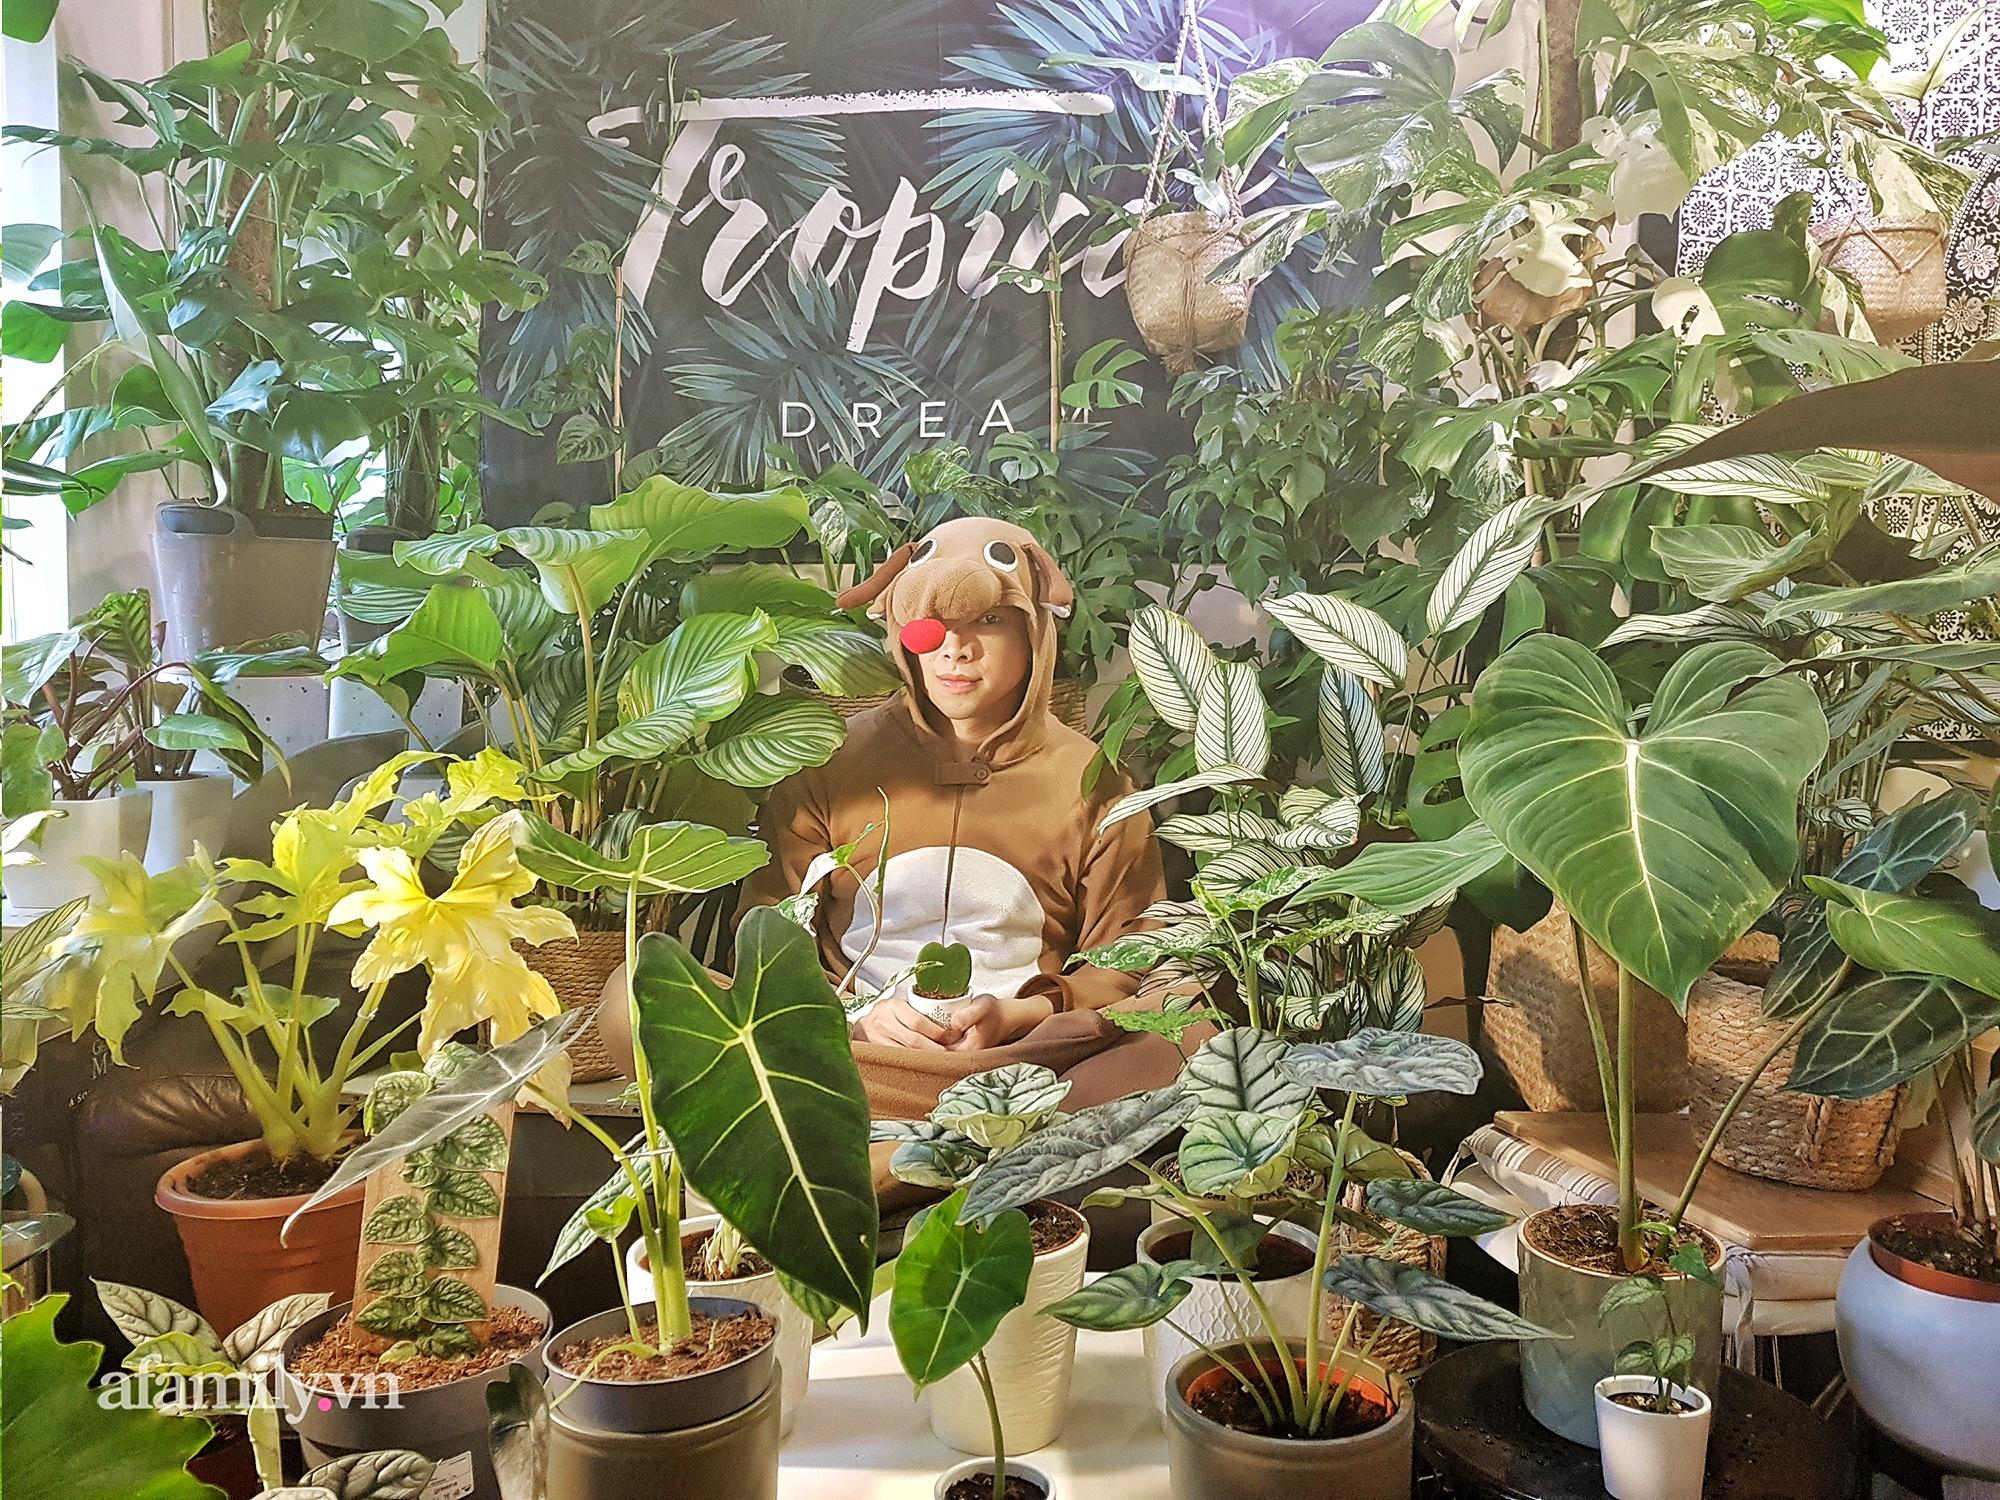 """BST hơn 200 cây kiểng lá của chàng kiến trúc sư người Việt tại Anh, gần như sống và nằm ngủ cùng cây mỗi ngày """"hoang mang về mức giá bạc tỷ được bán tại Việt Nam""""  - Ảnh 10."""